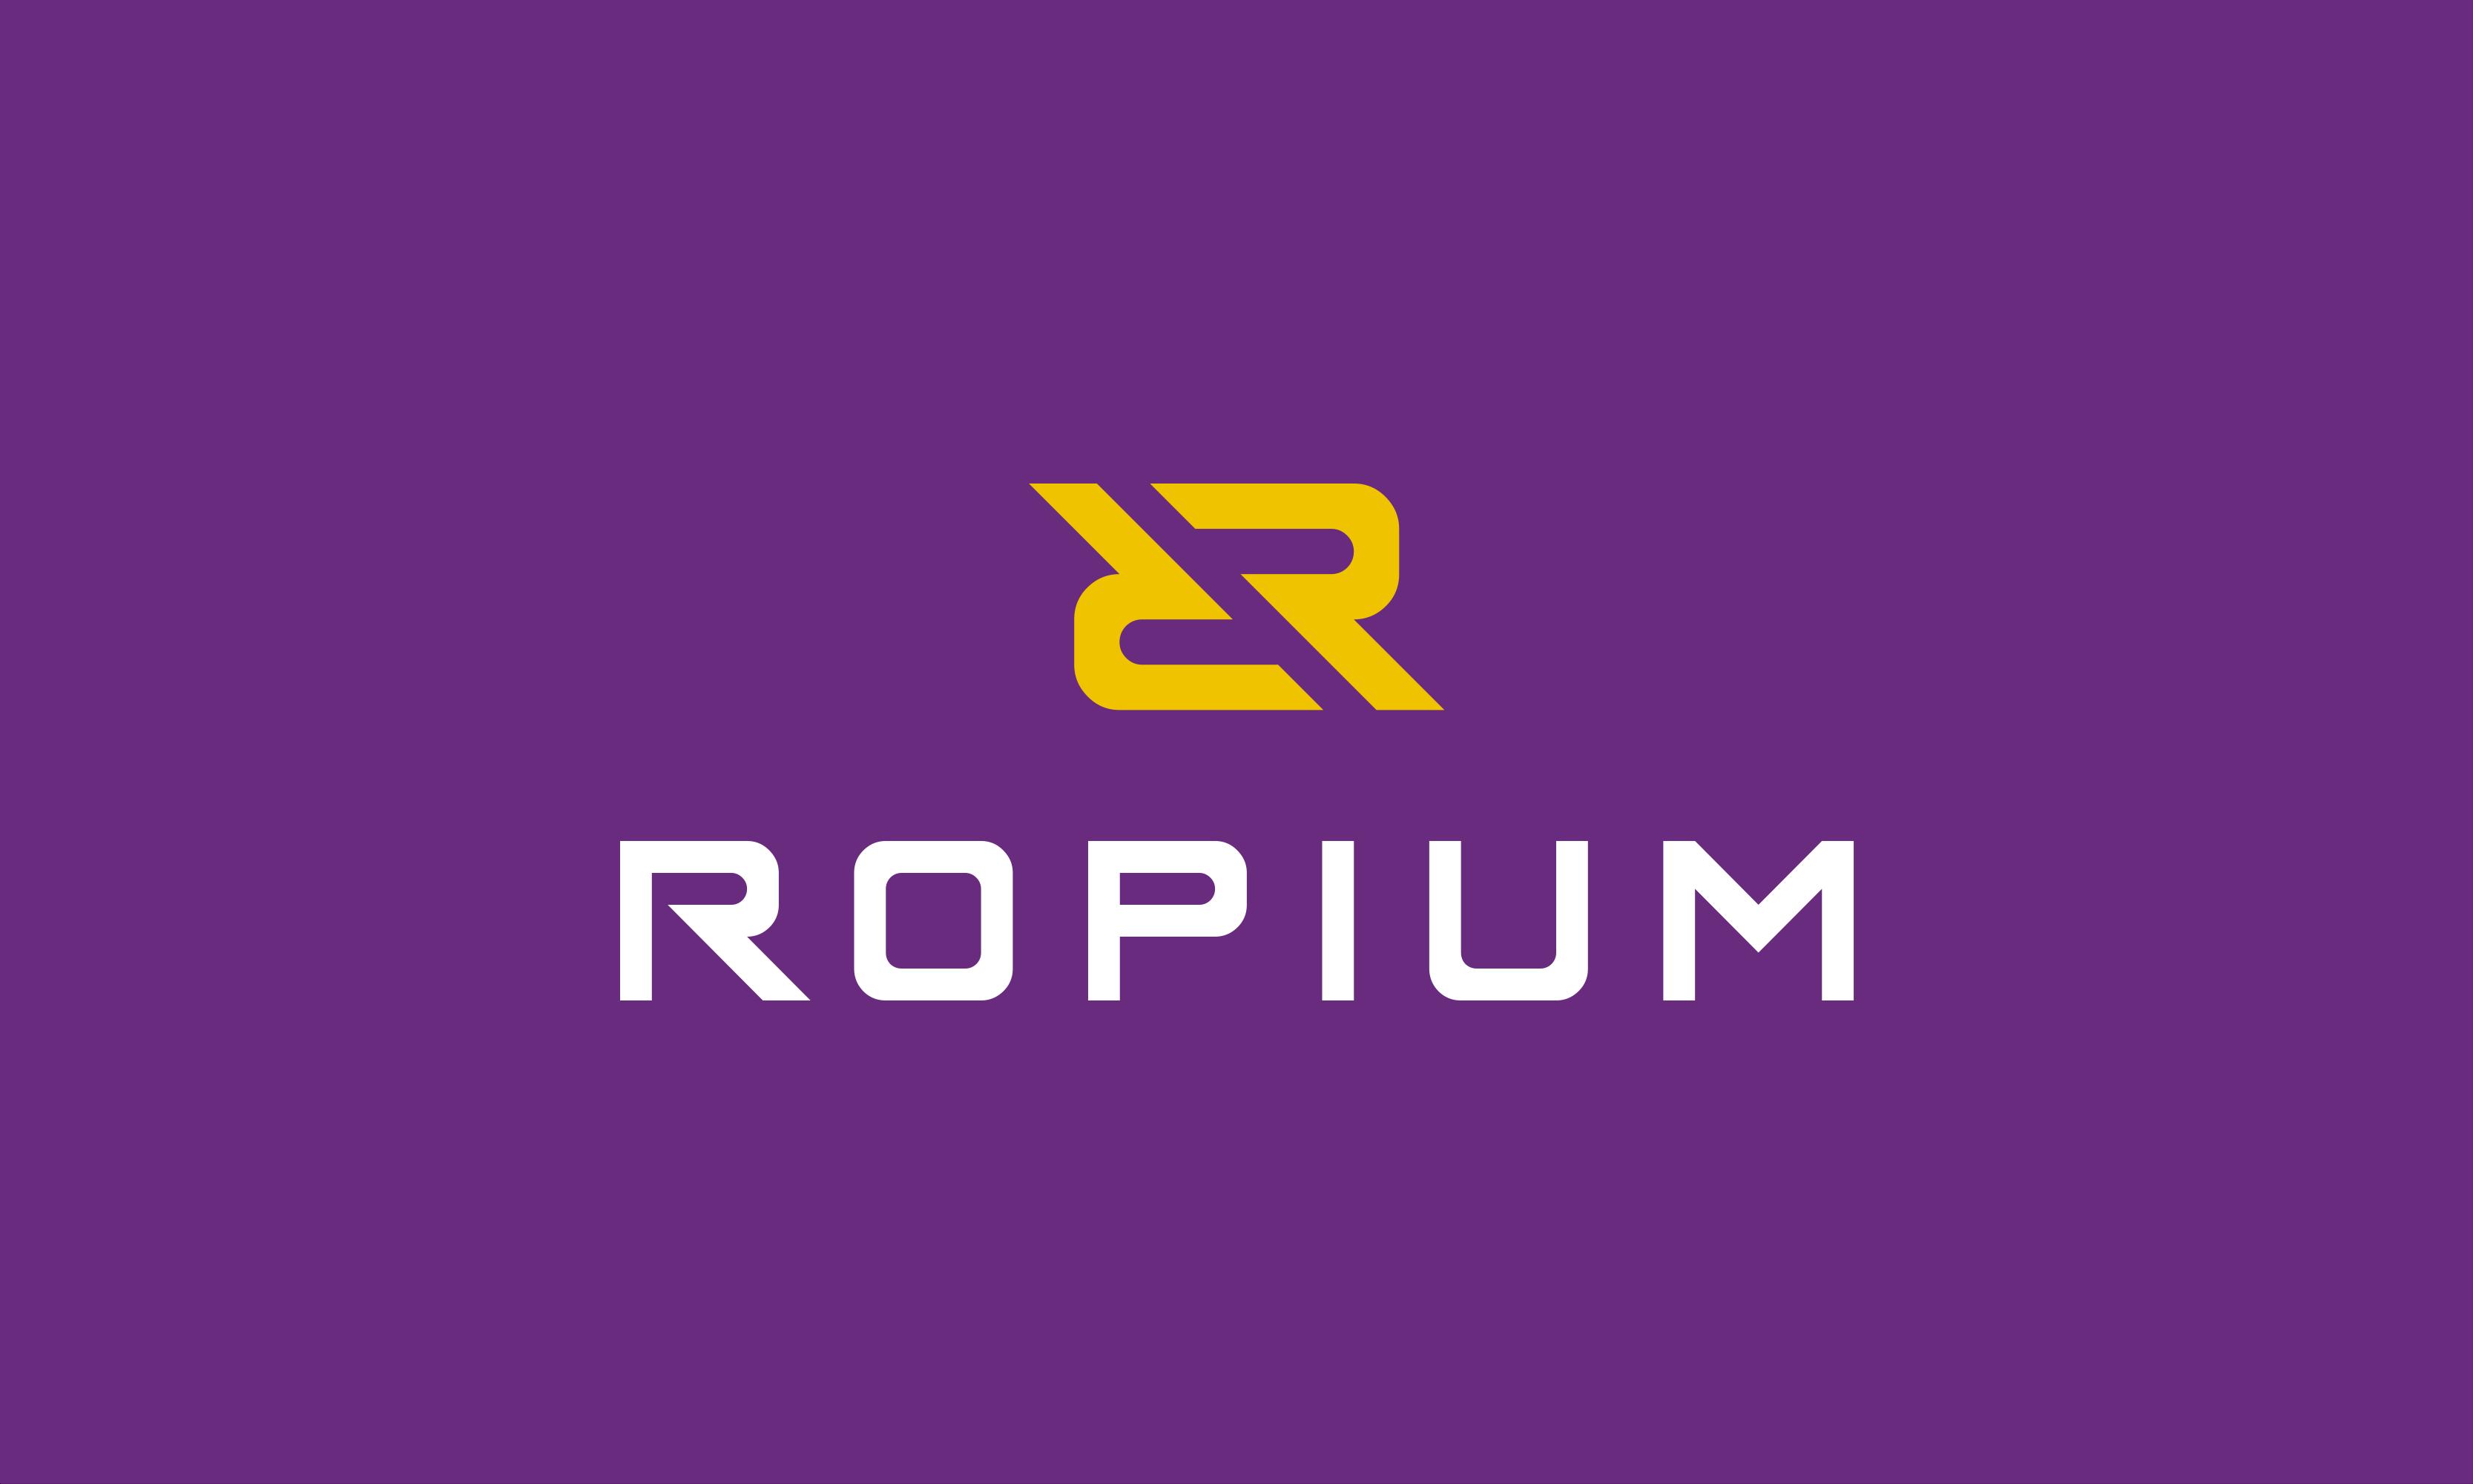 Ropium